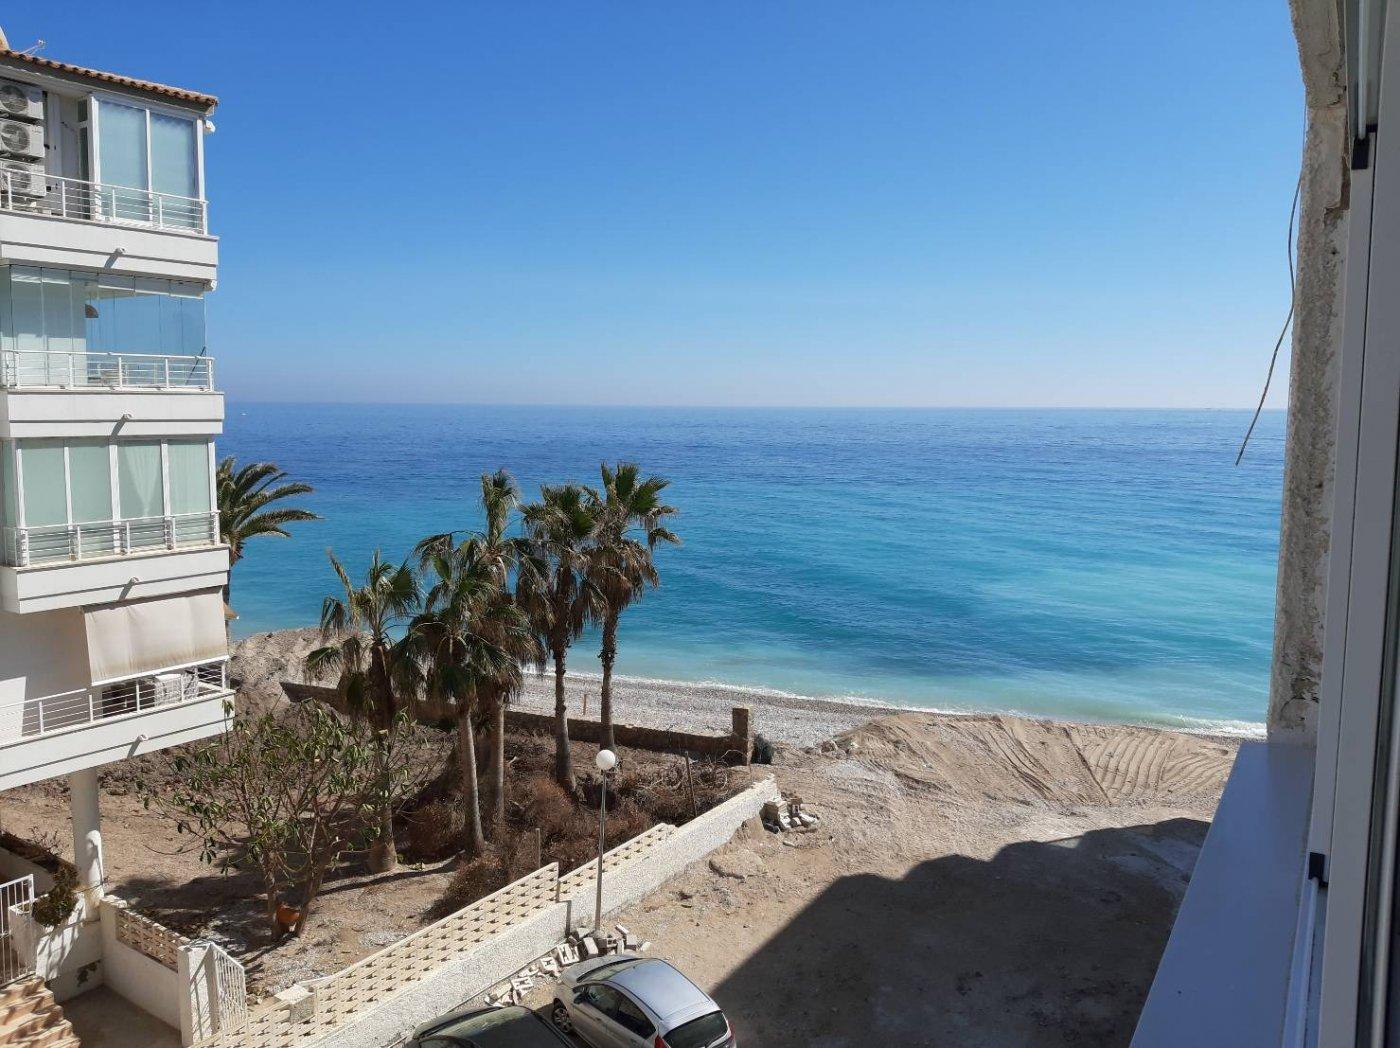 Property for sale - Apartment · 1a Linea - Estate Agents Altea